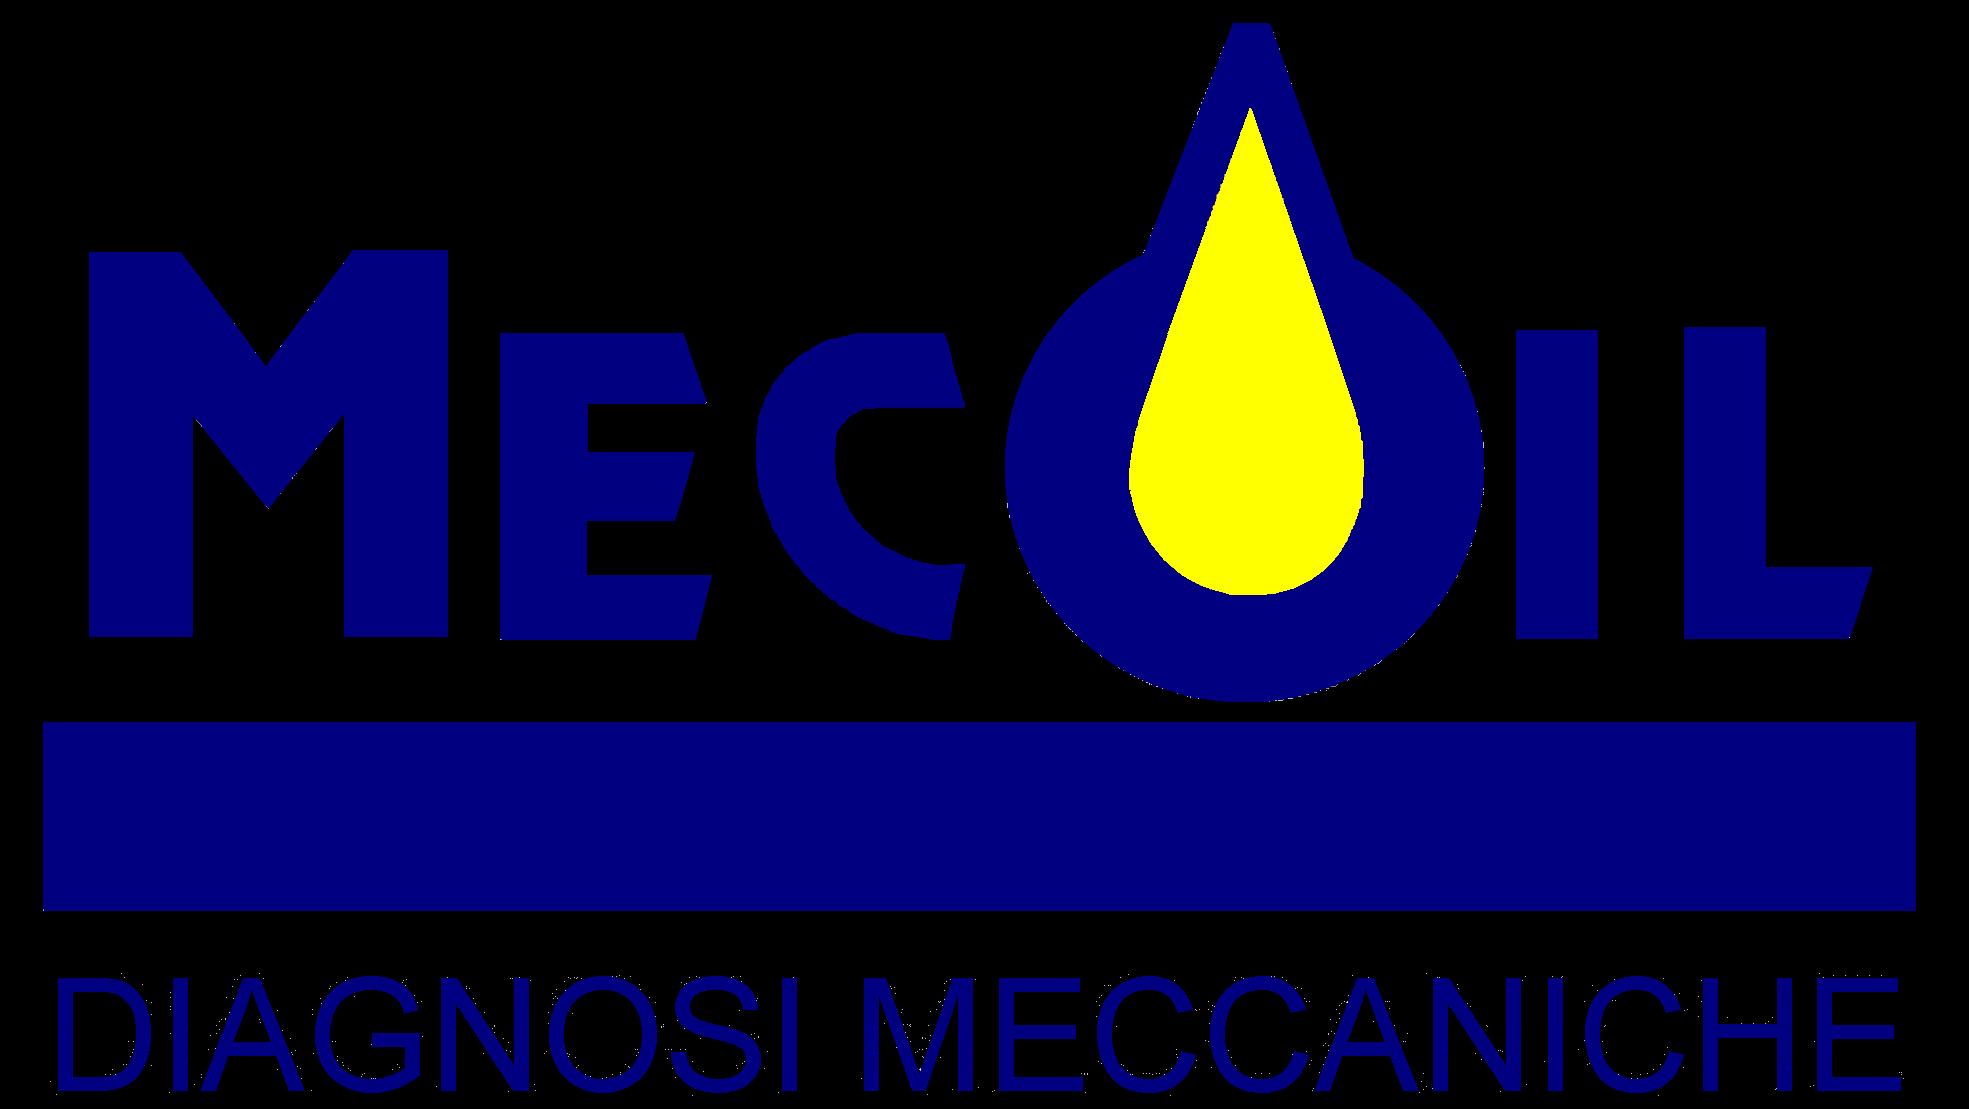 7/2 dalle 9.30 incontriamo Mecoil per formazione team di progetto